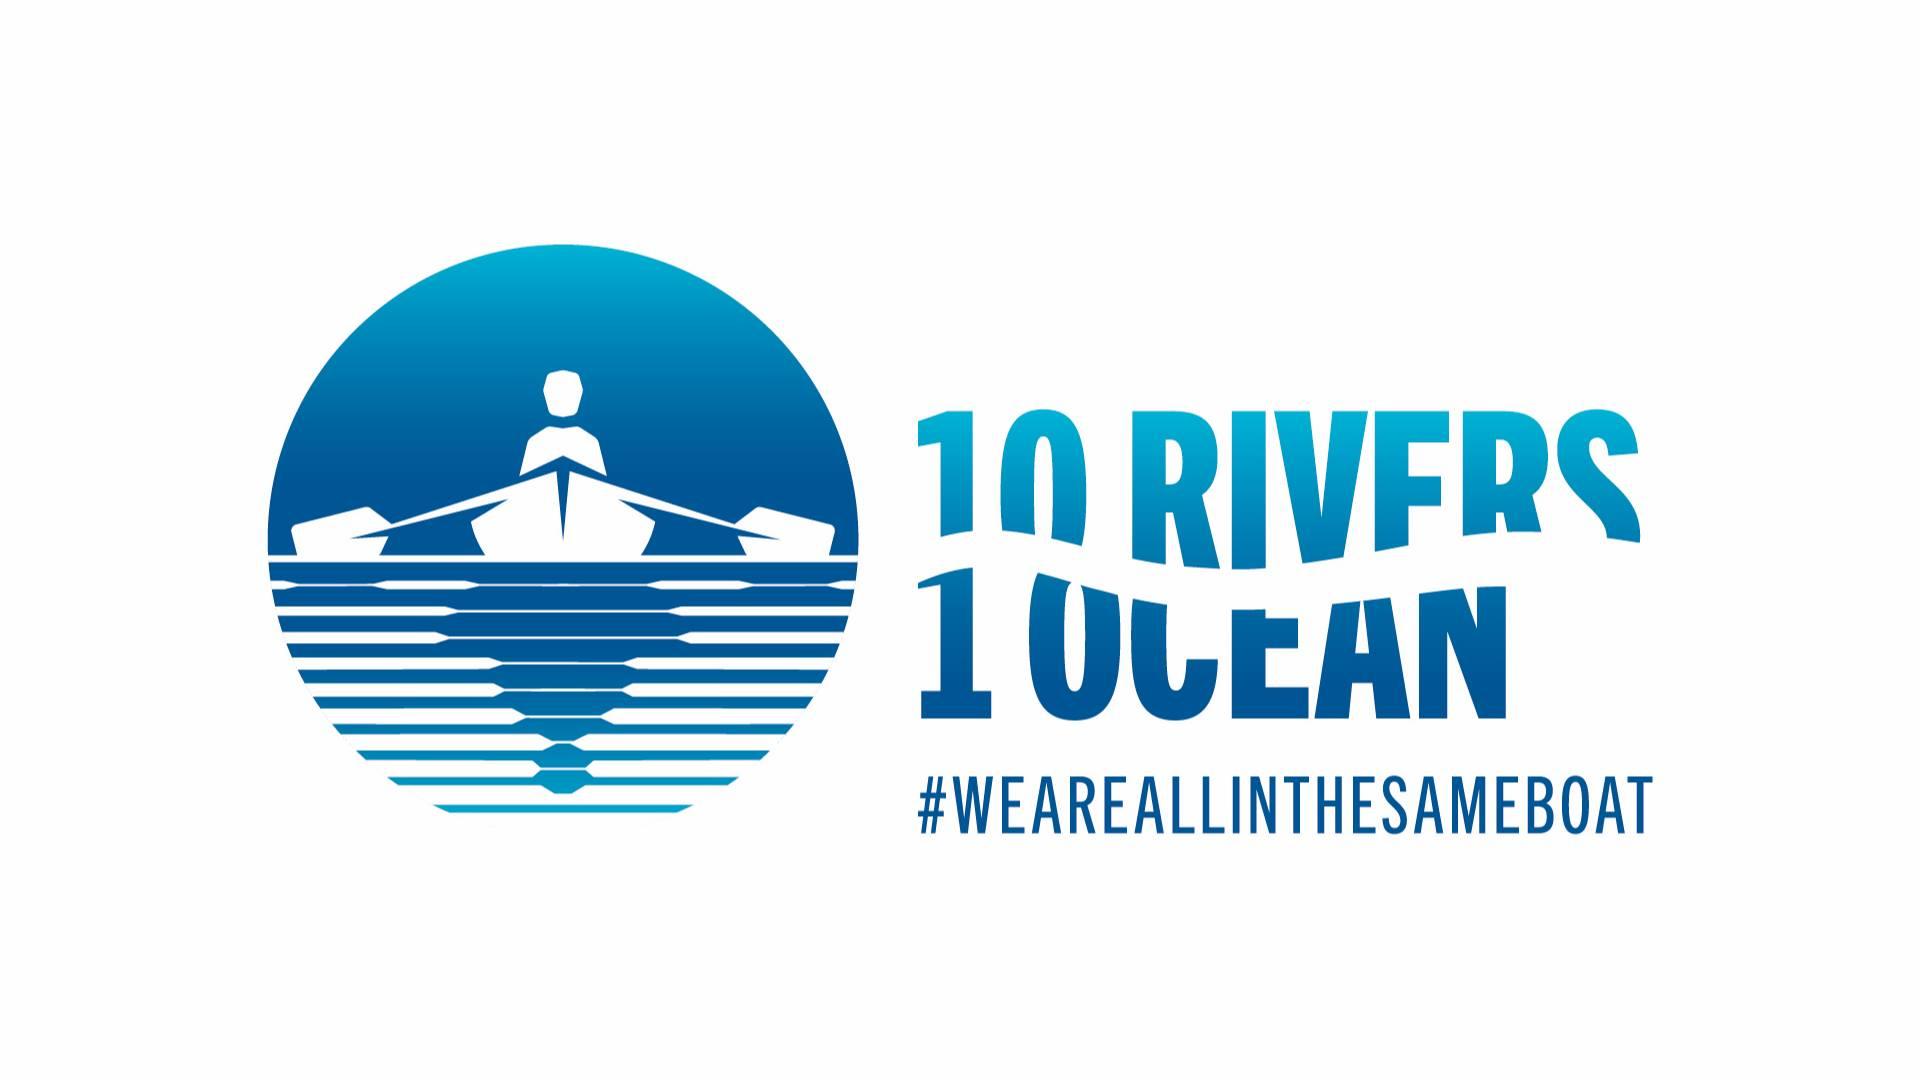 Alex Bellini: 10 RIVERS – 1 OCEAN per risvegliare le coscienze